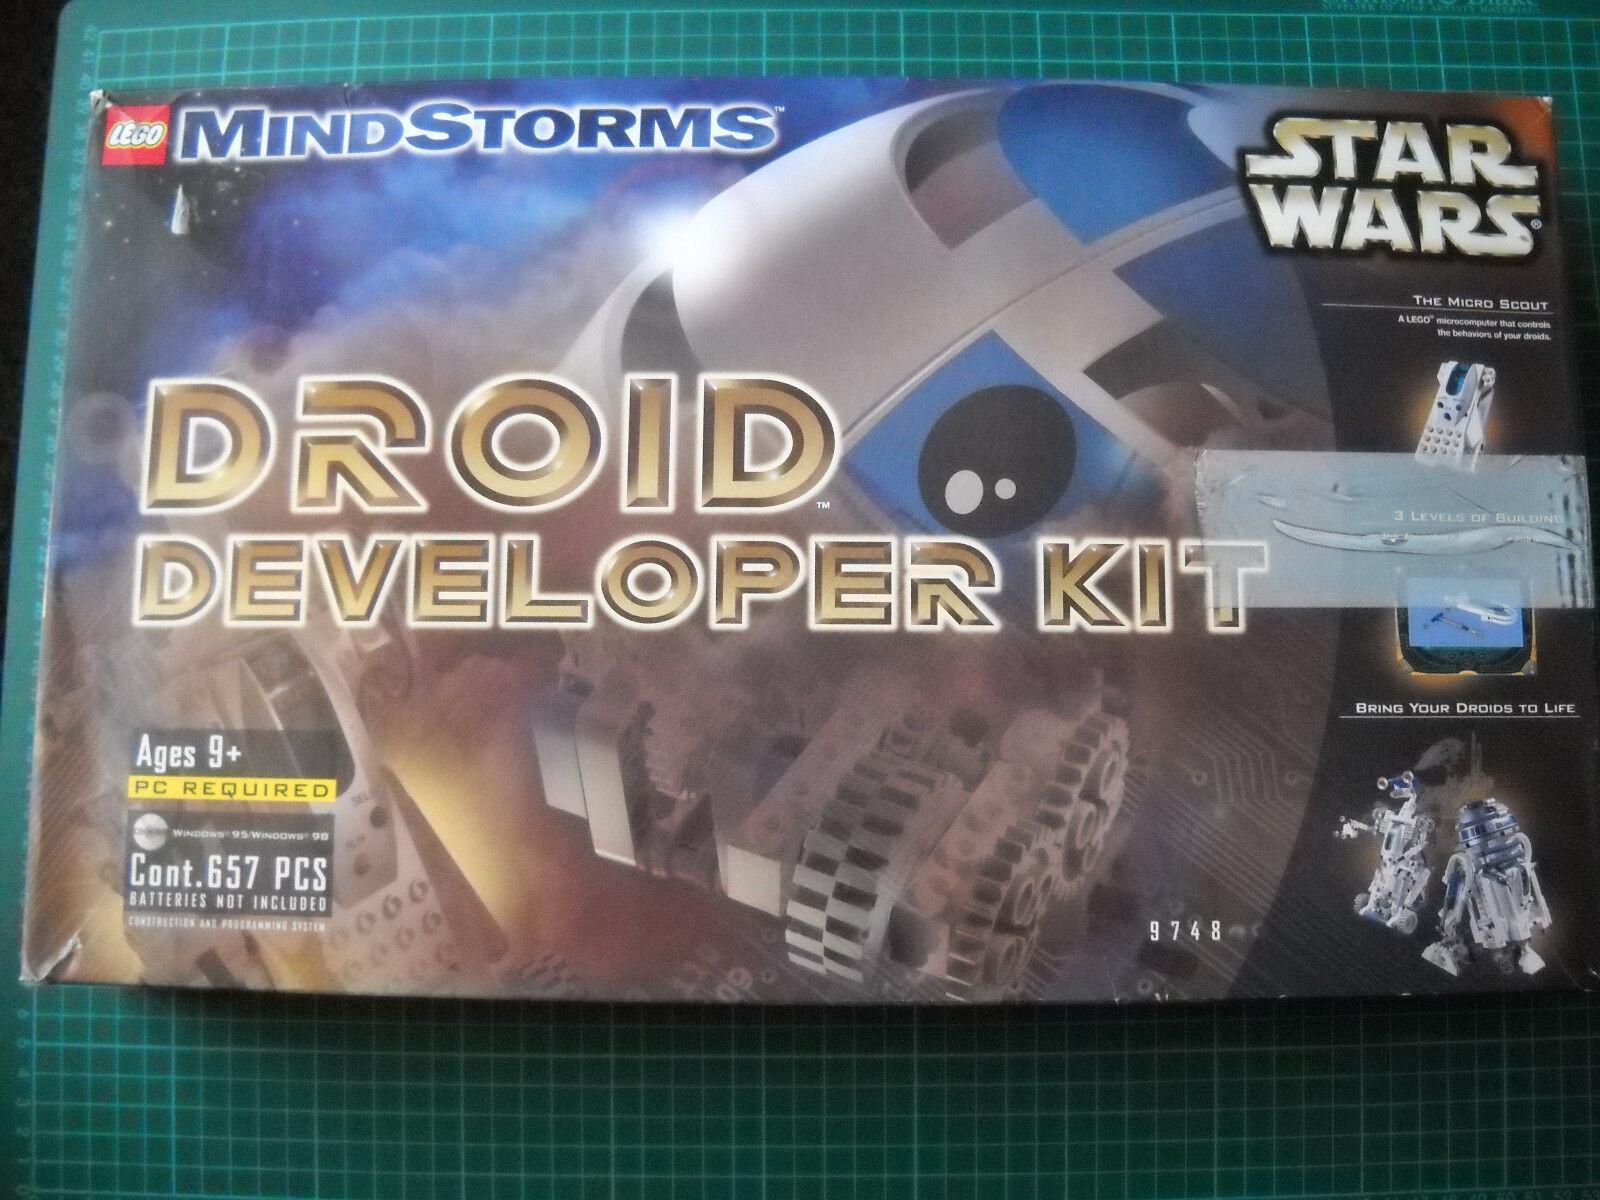 LEGO MindStorms DROID DEVELOPER KIT Star Wars R2D2